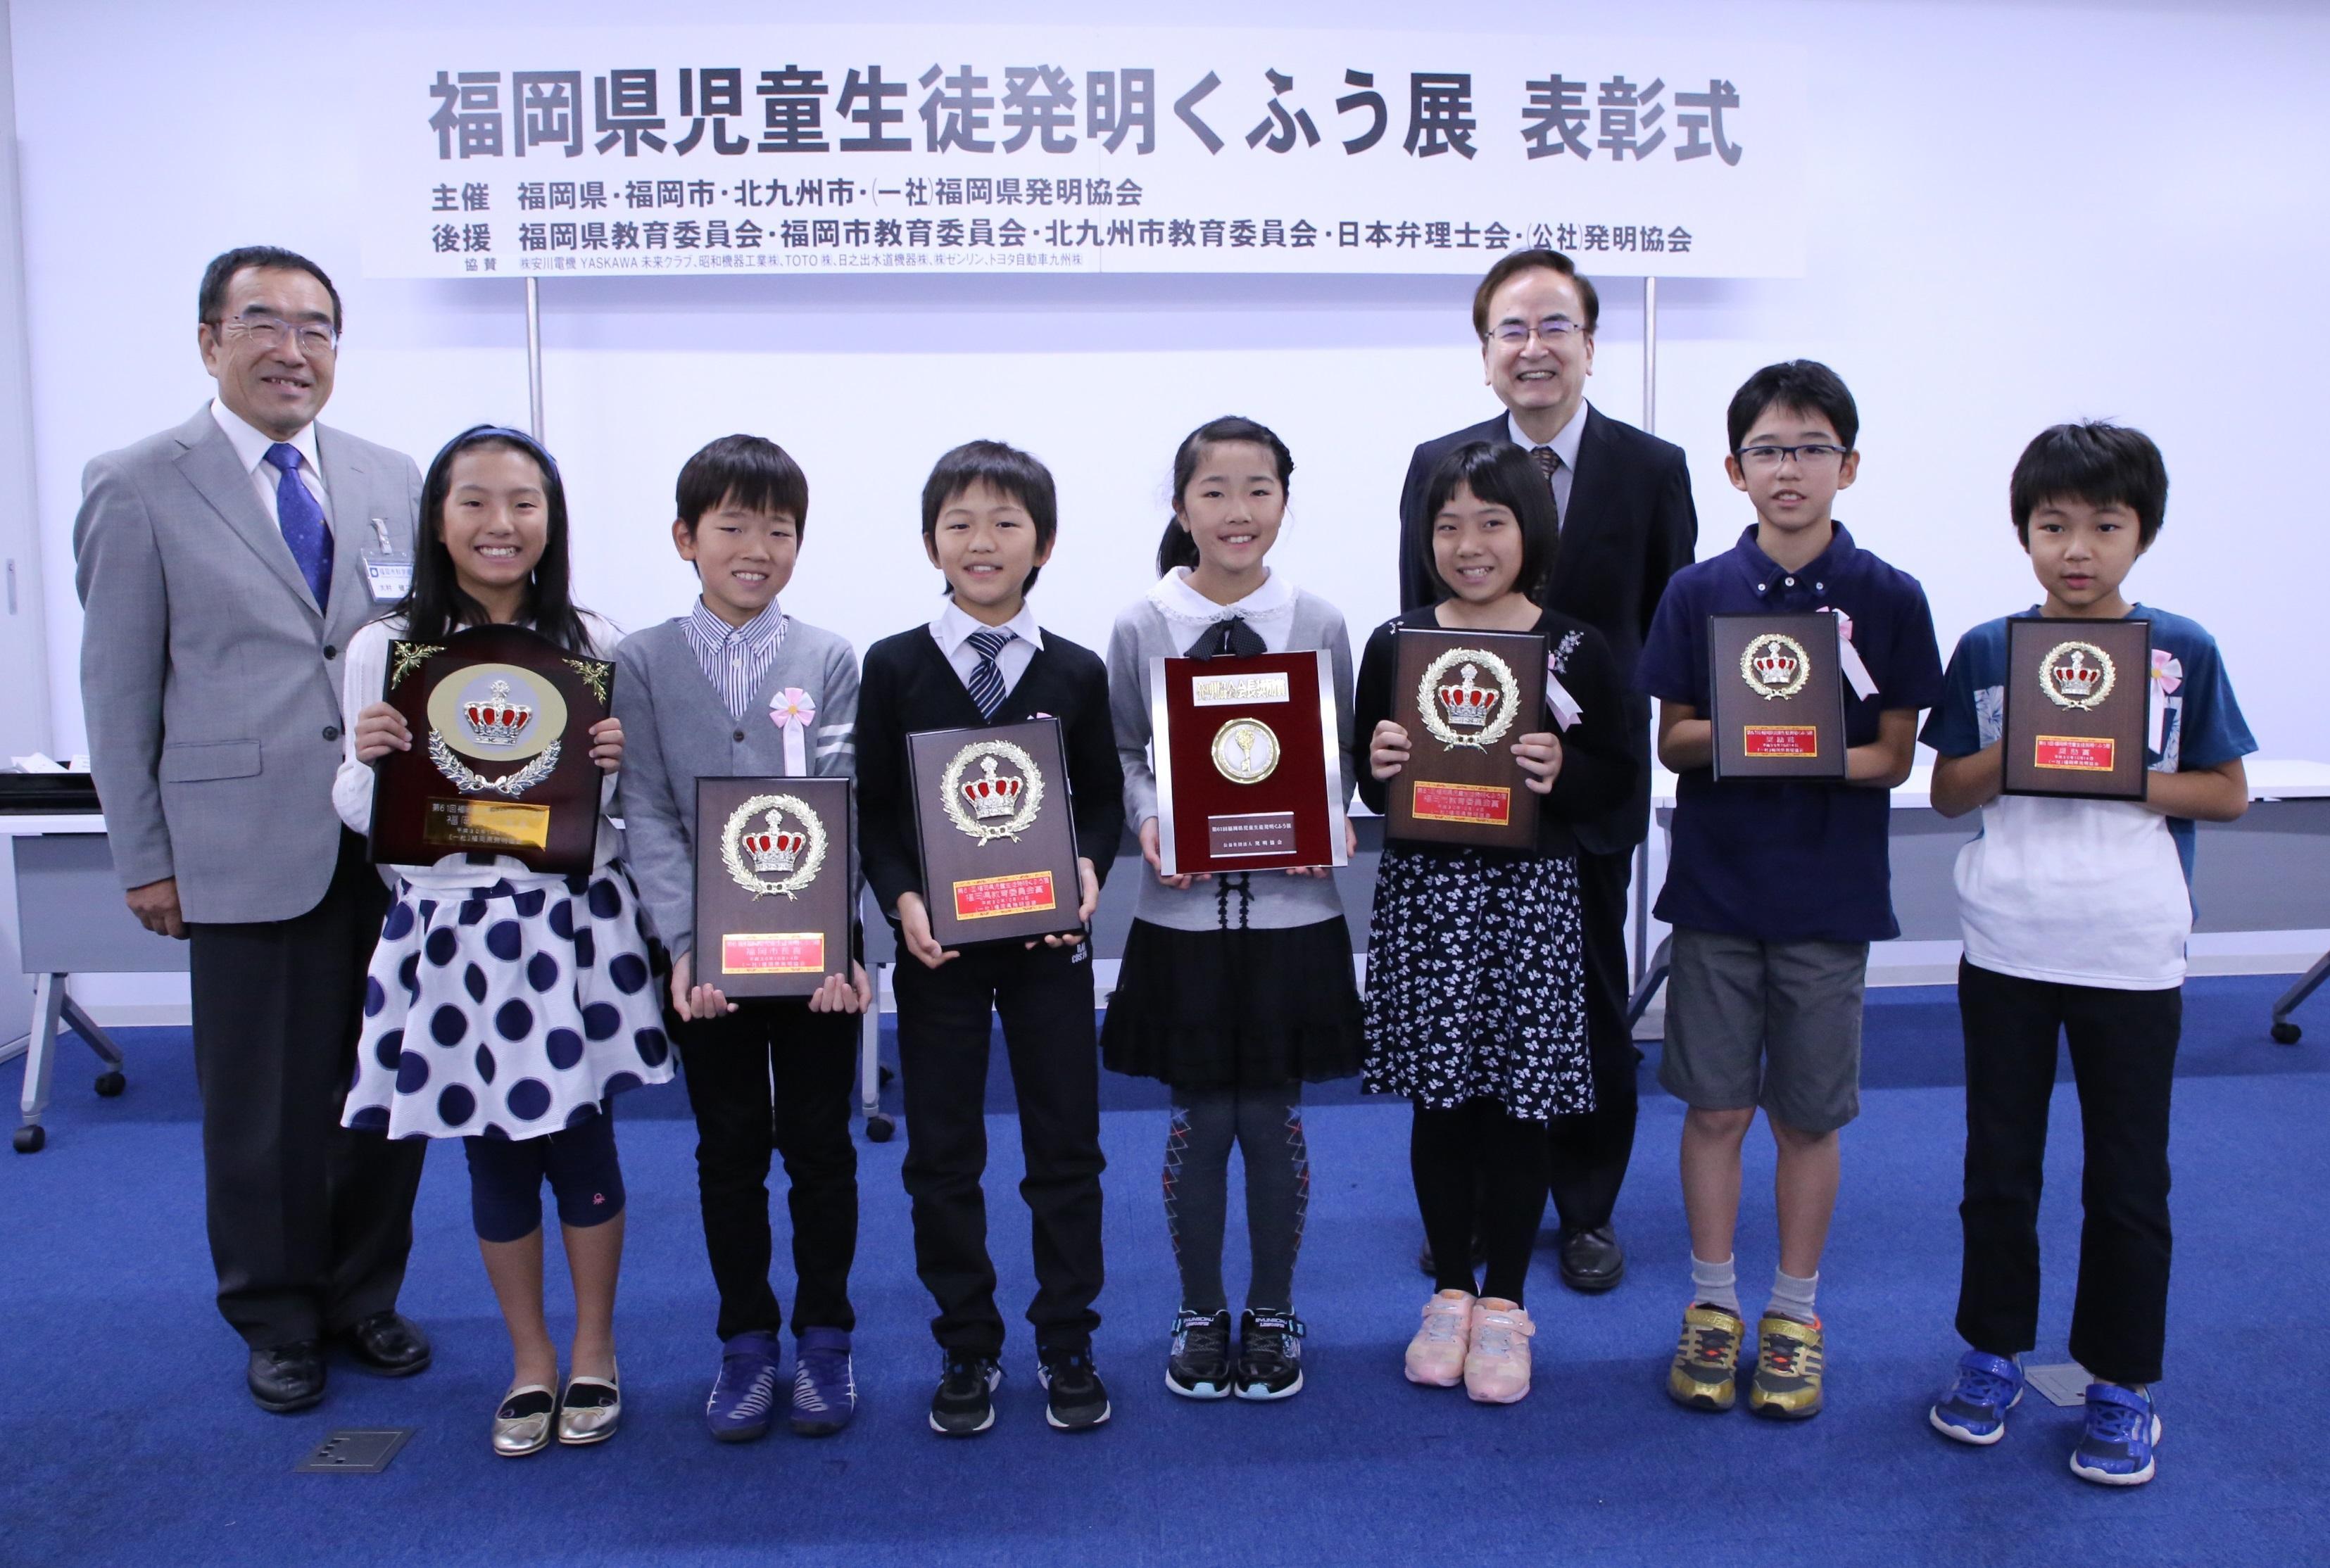 福岡 県 教育 委員 会